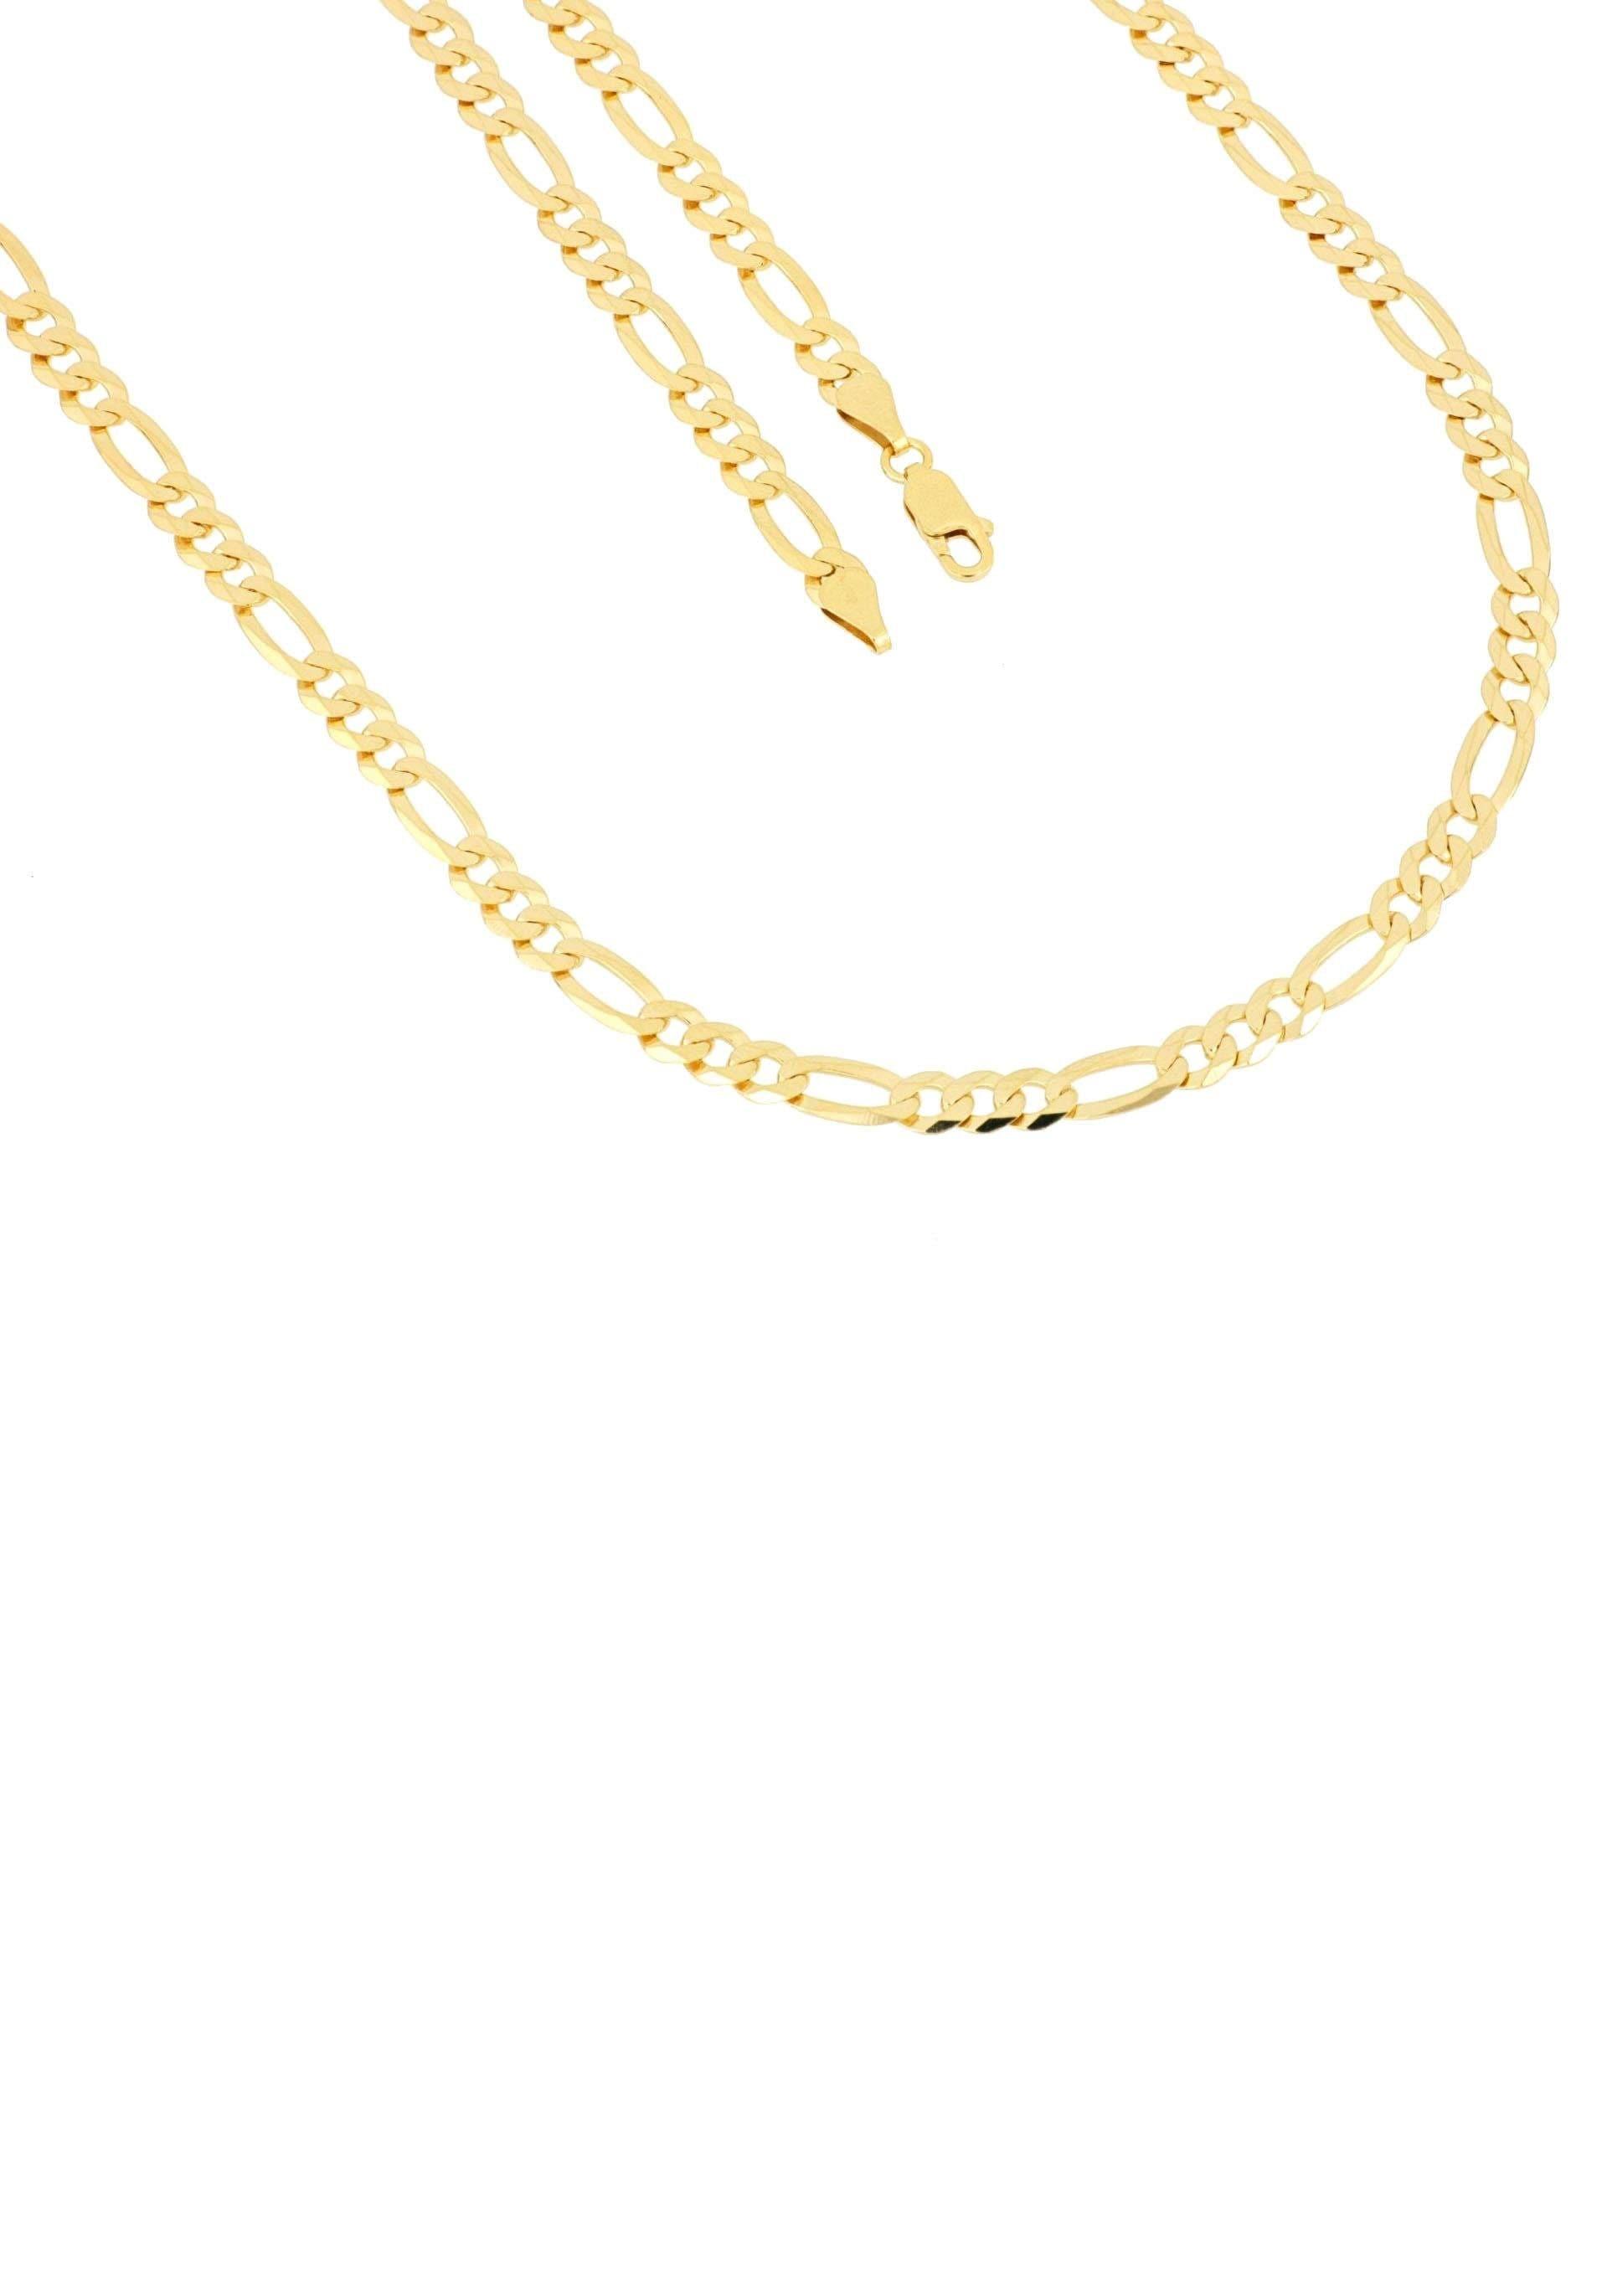 Firetti Kette ohne Anhänger in Figarokettengliederung 53 mm glänzend vergoldet klassisch zeitlos 6-fach diamantiert | Schmuck > Halsketten > Ketten ohne Anhänger | Firetti